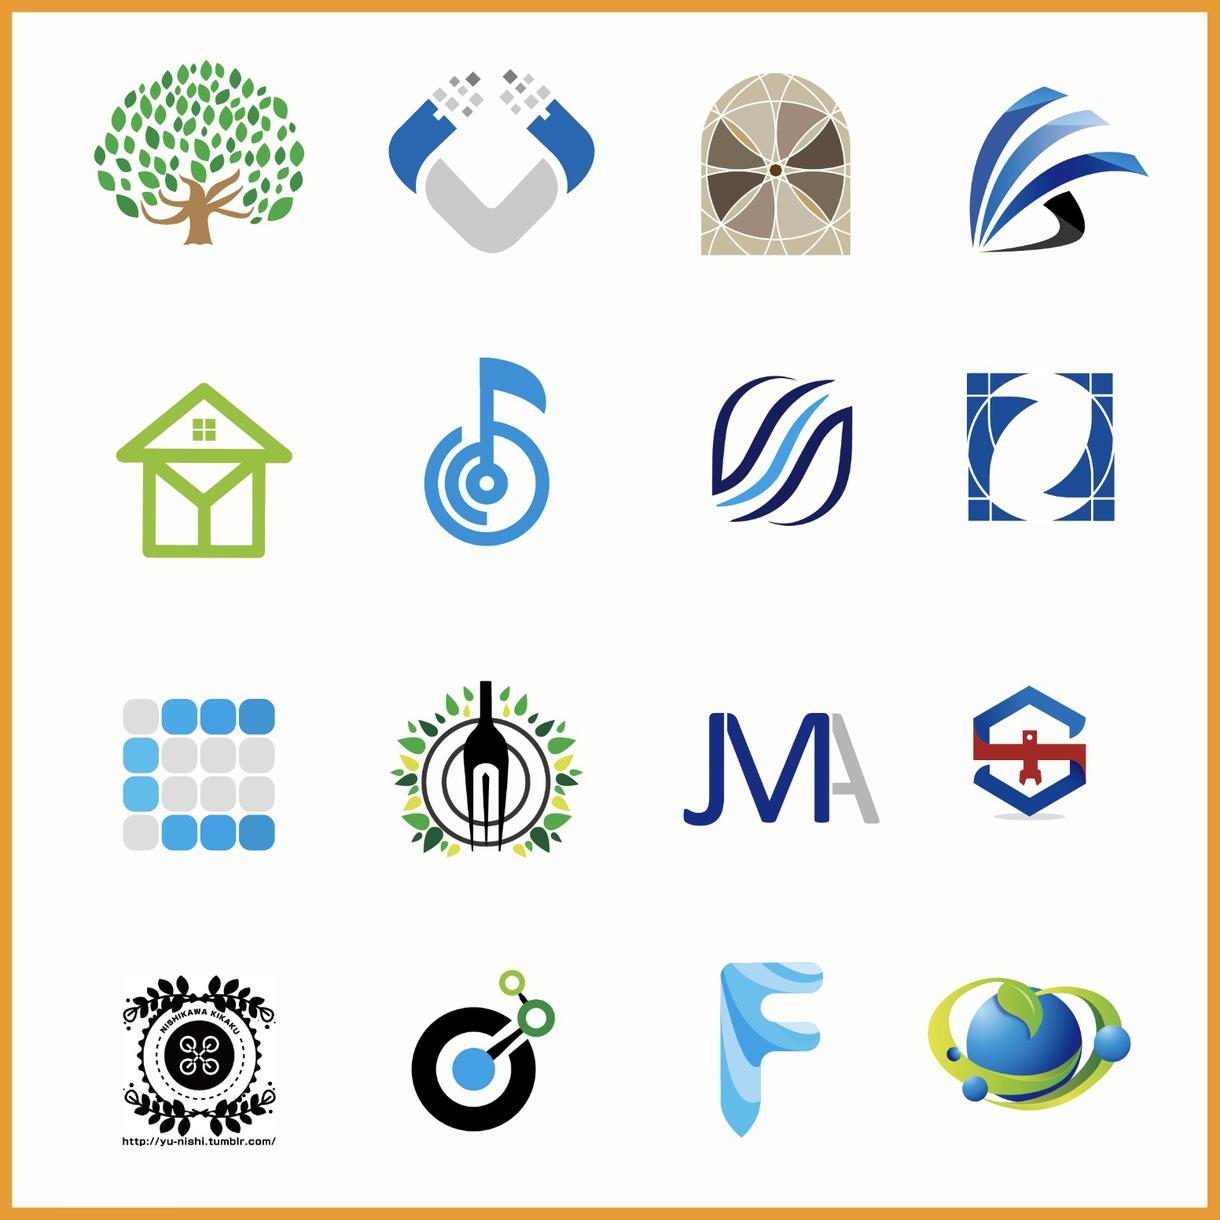 【レビュー率80%以上!!】プロが作るシンプルな高品質ロゴを◆5000円◆から提案致します!